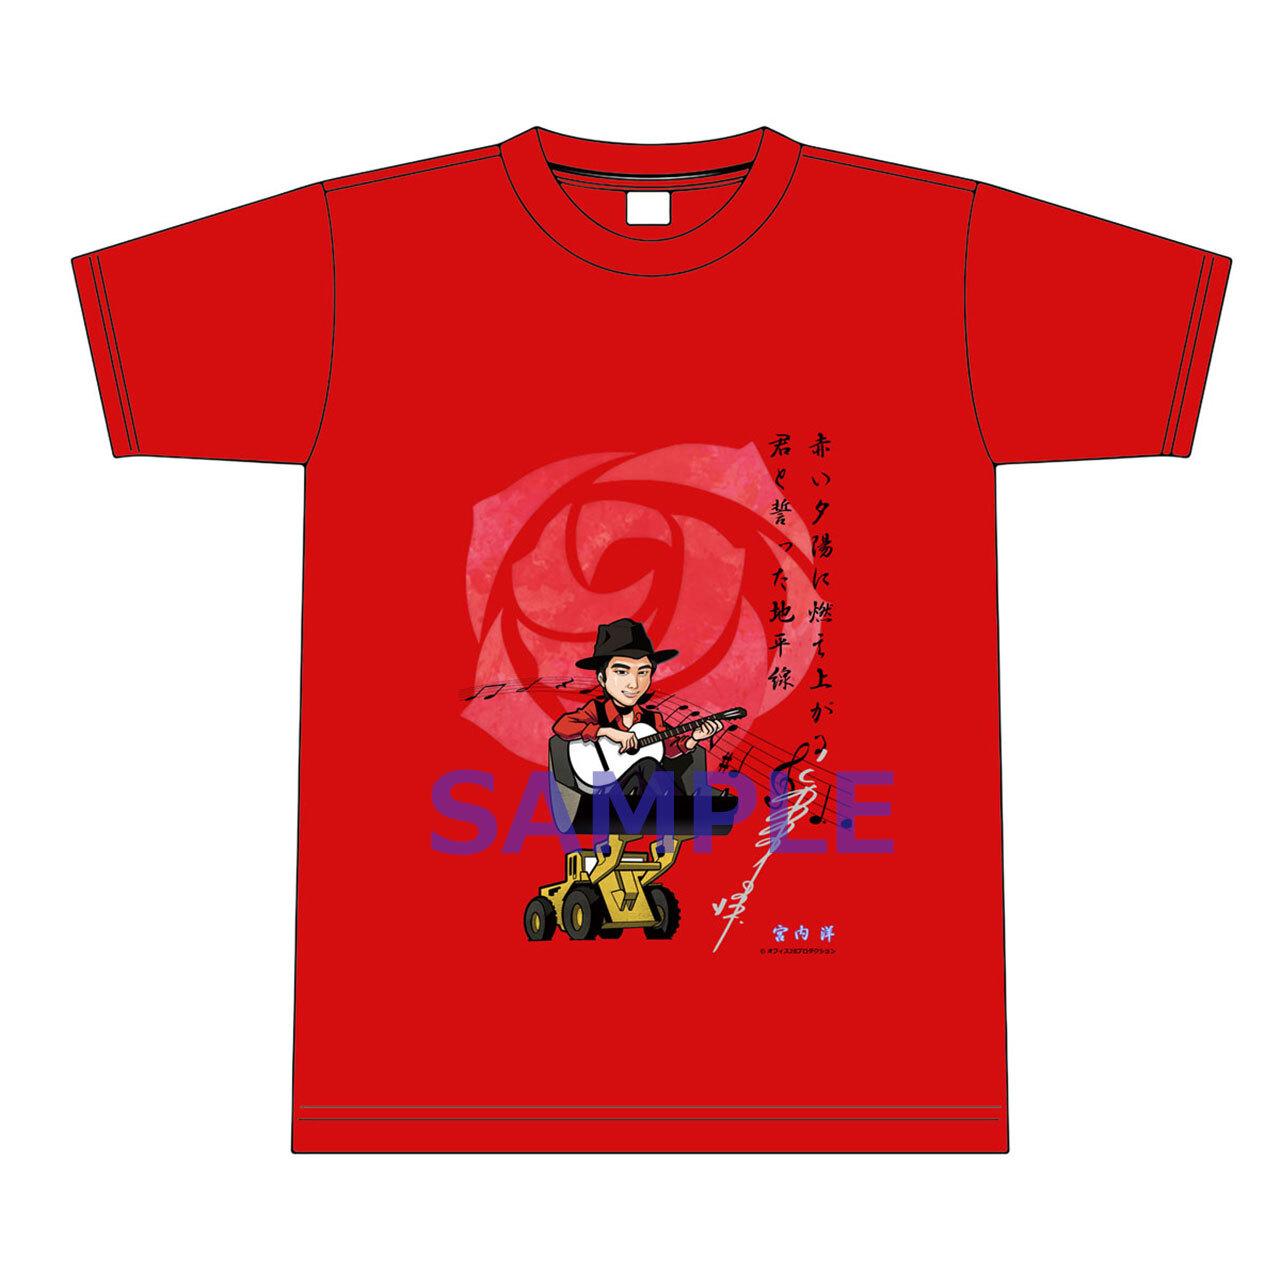 【4589839361422先】宮内洋 Tシャツ A /M 銀色箔押しサイン付きver.